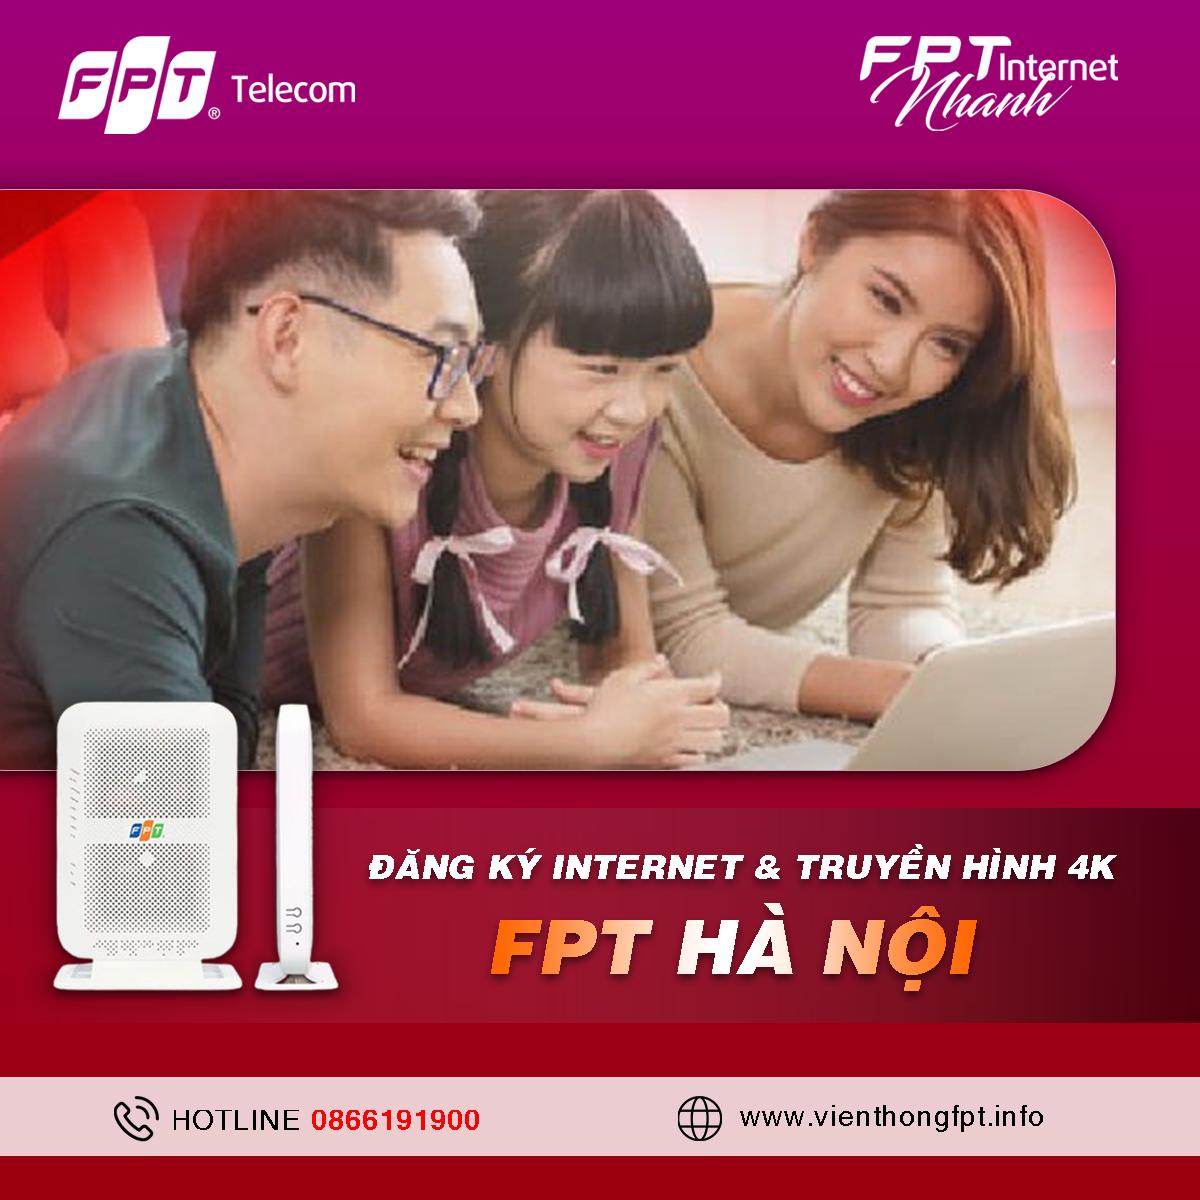 Đăng ký Internet FPT Hà Nội - Miễn phí lắp đặt - Tặng 2 tháng cước